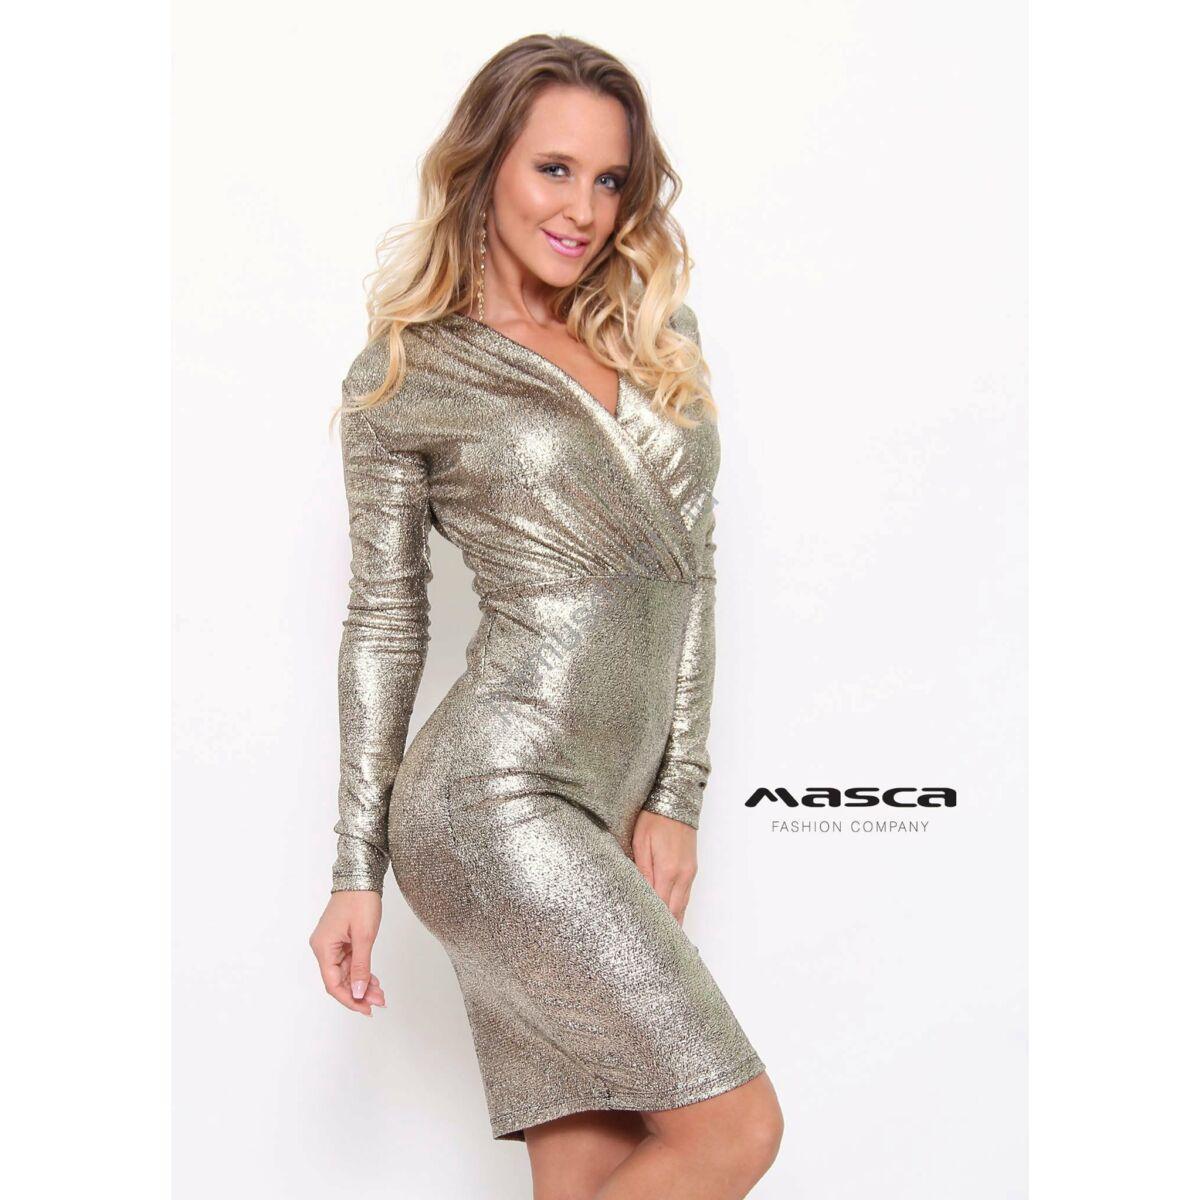 7dc37e4a69 Kép 1/1 - Masca Fashion átlapolt, ráncolt mellrészű hosszú ujjú csillogó  világos arany alkalmi miniruha